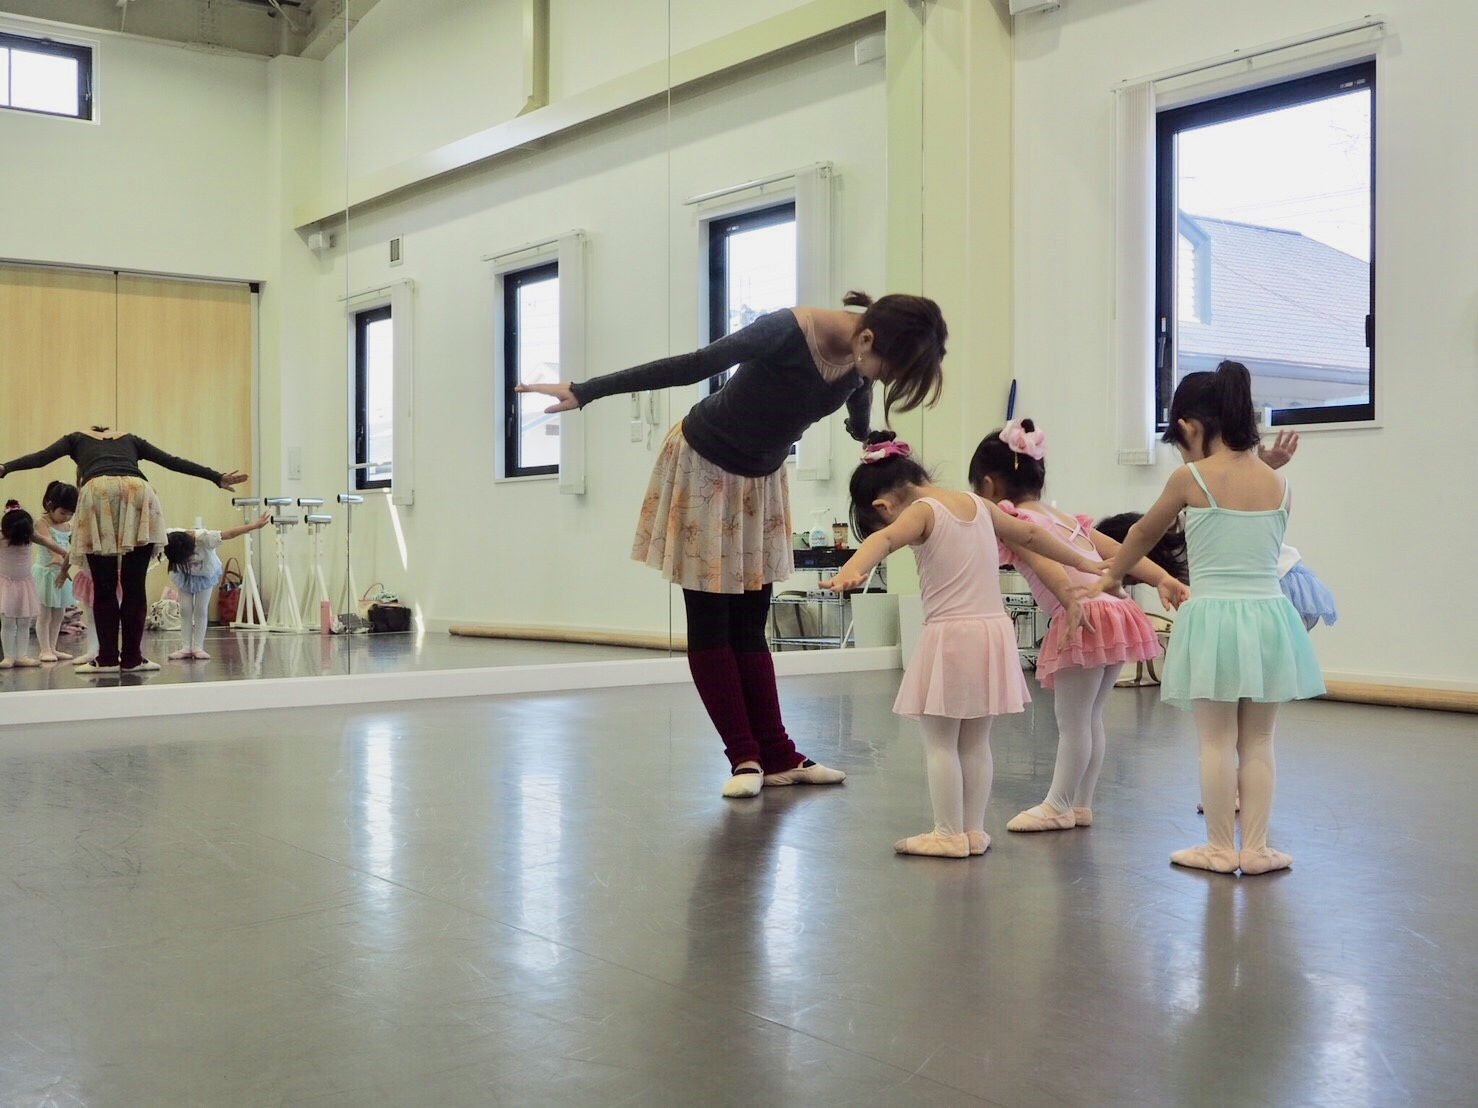 尼崎市バレエスタジオの子供バレエの様子